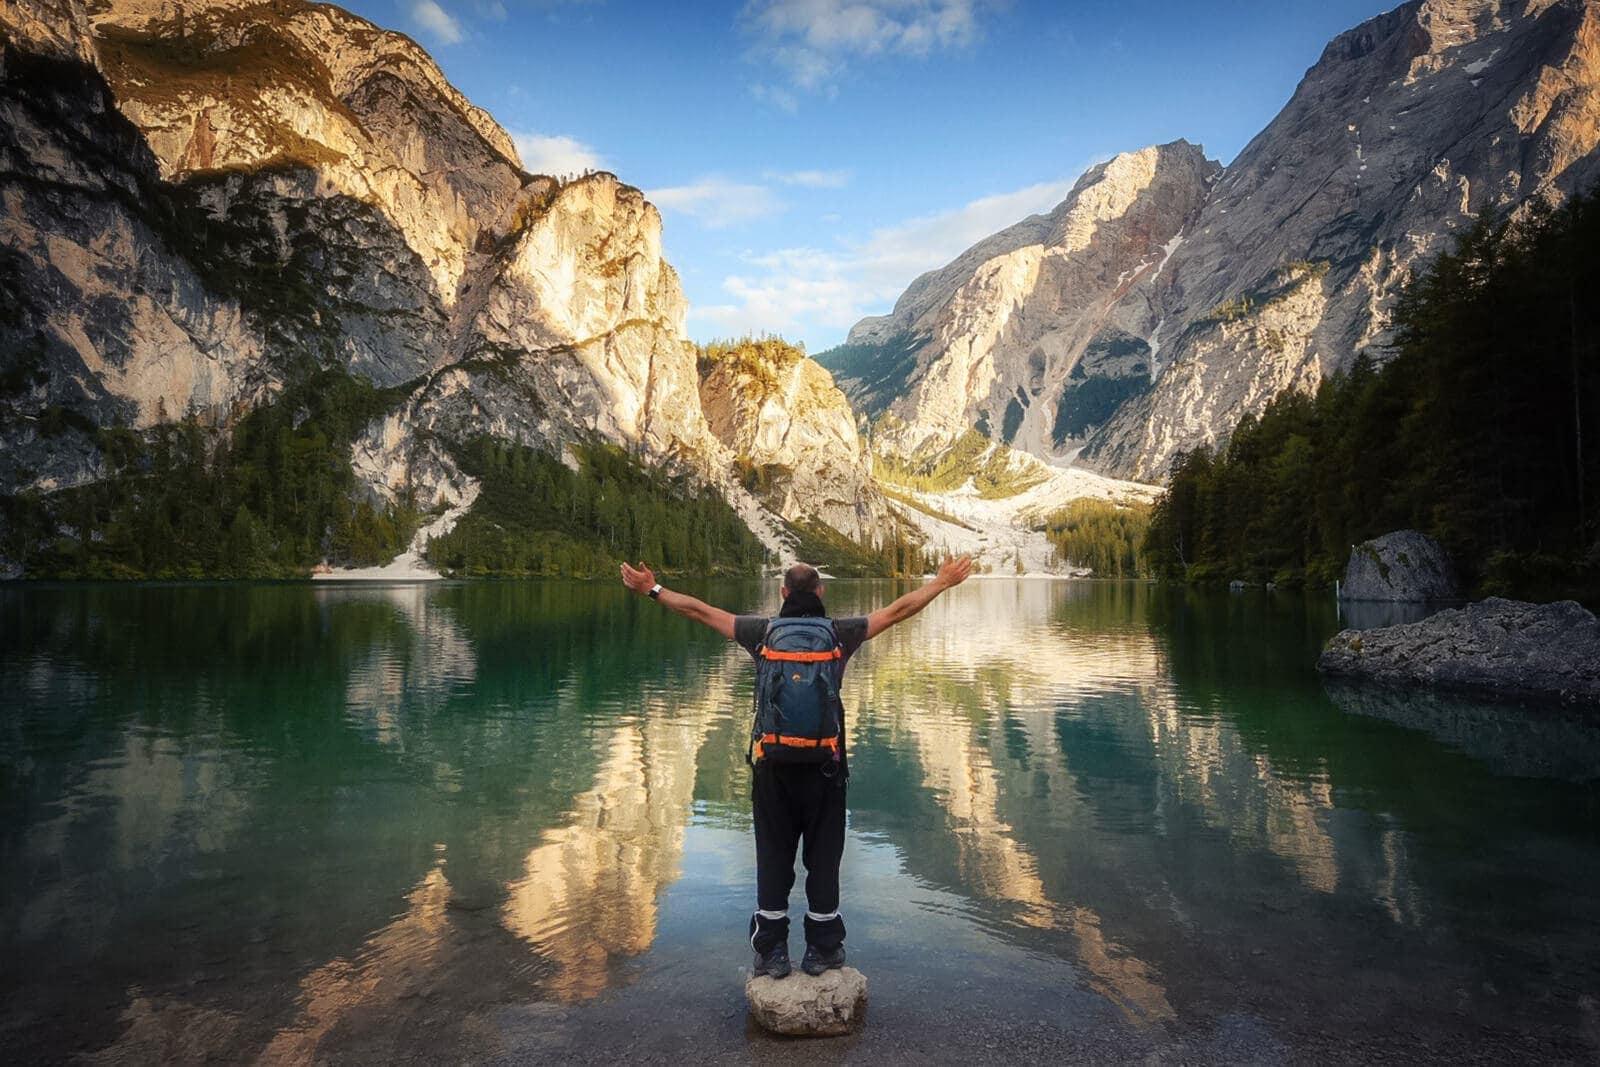 lago di braies con montagne sullo sfondo e persona a braccia alzate in primo piano